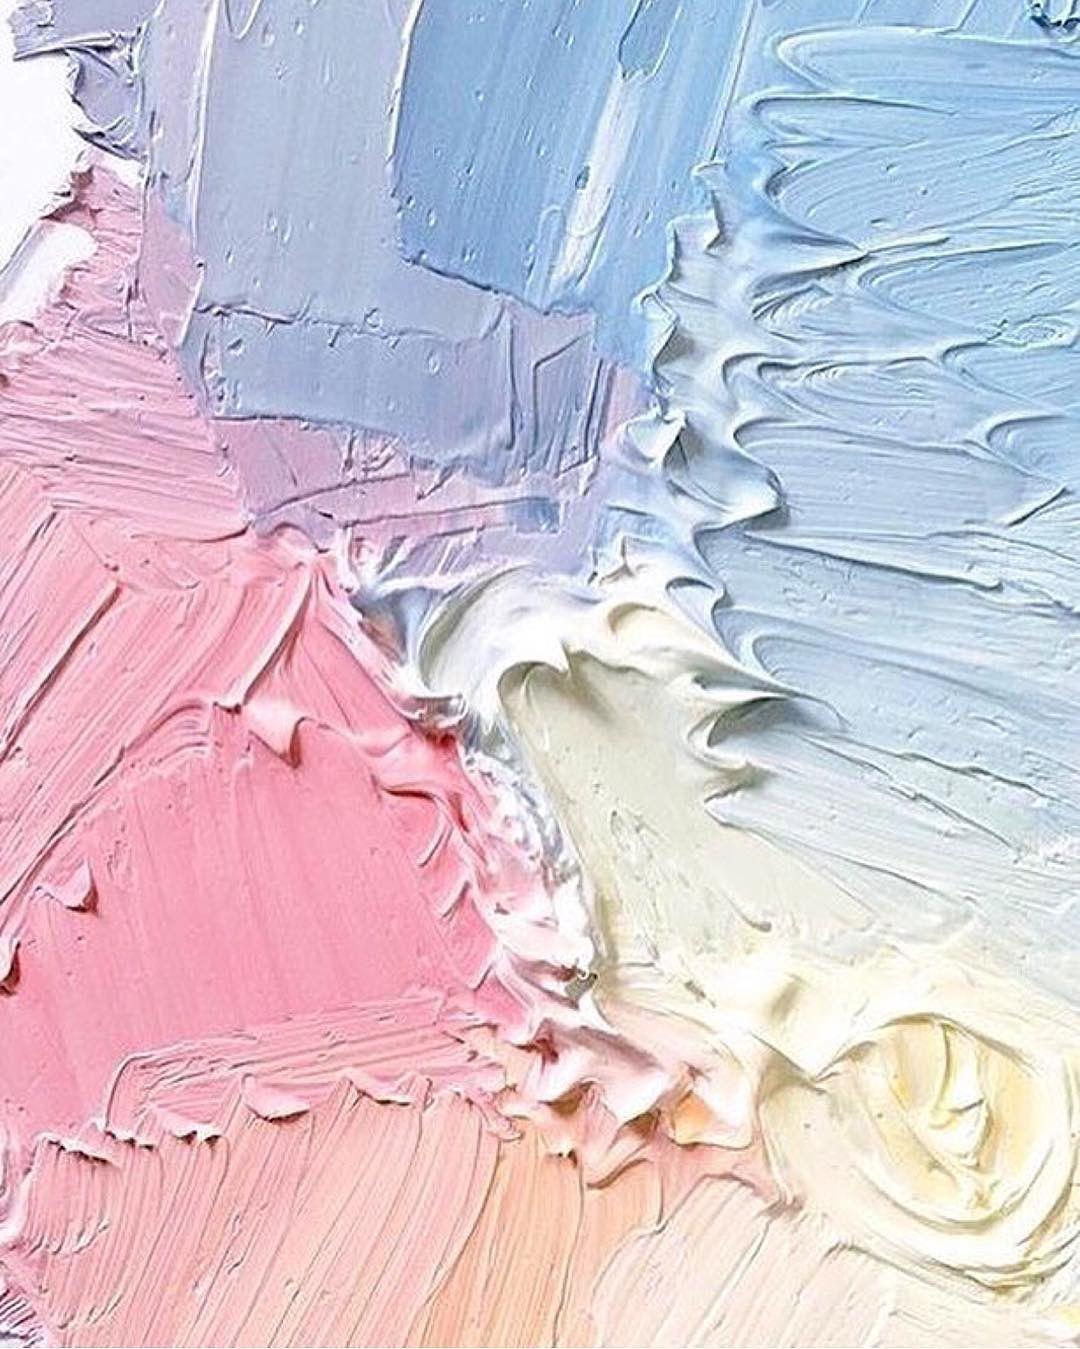 Epingle Par Caroline Sur Bleu Pale Rose Papier Peint Pastel Fond Pastel Fond D Ecran Telephone